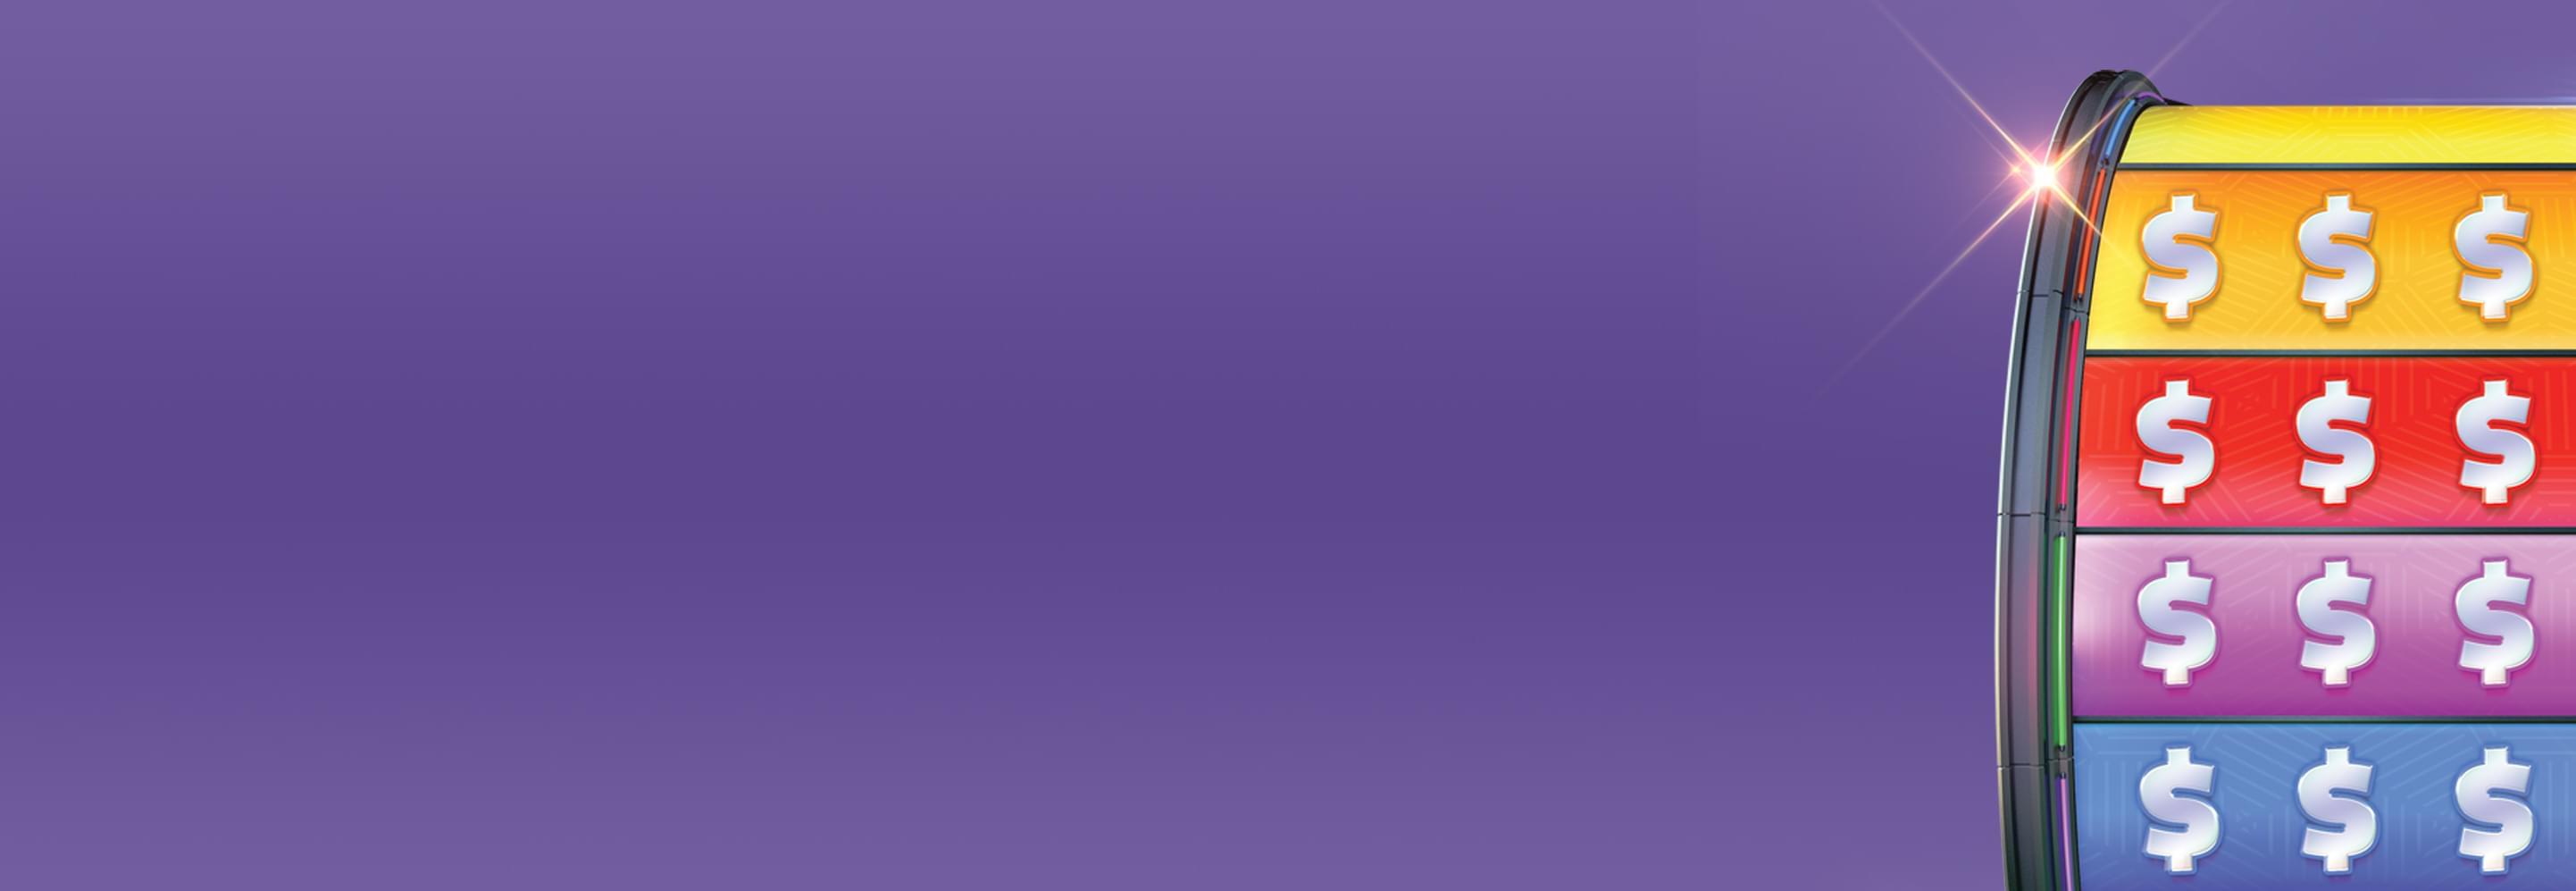 2018_OLG_2104_BigsSpin(purple)_HeroBanner